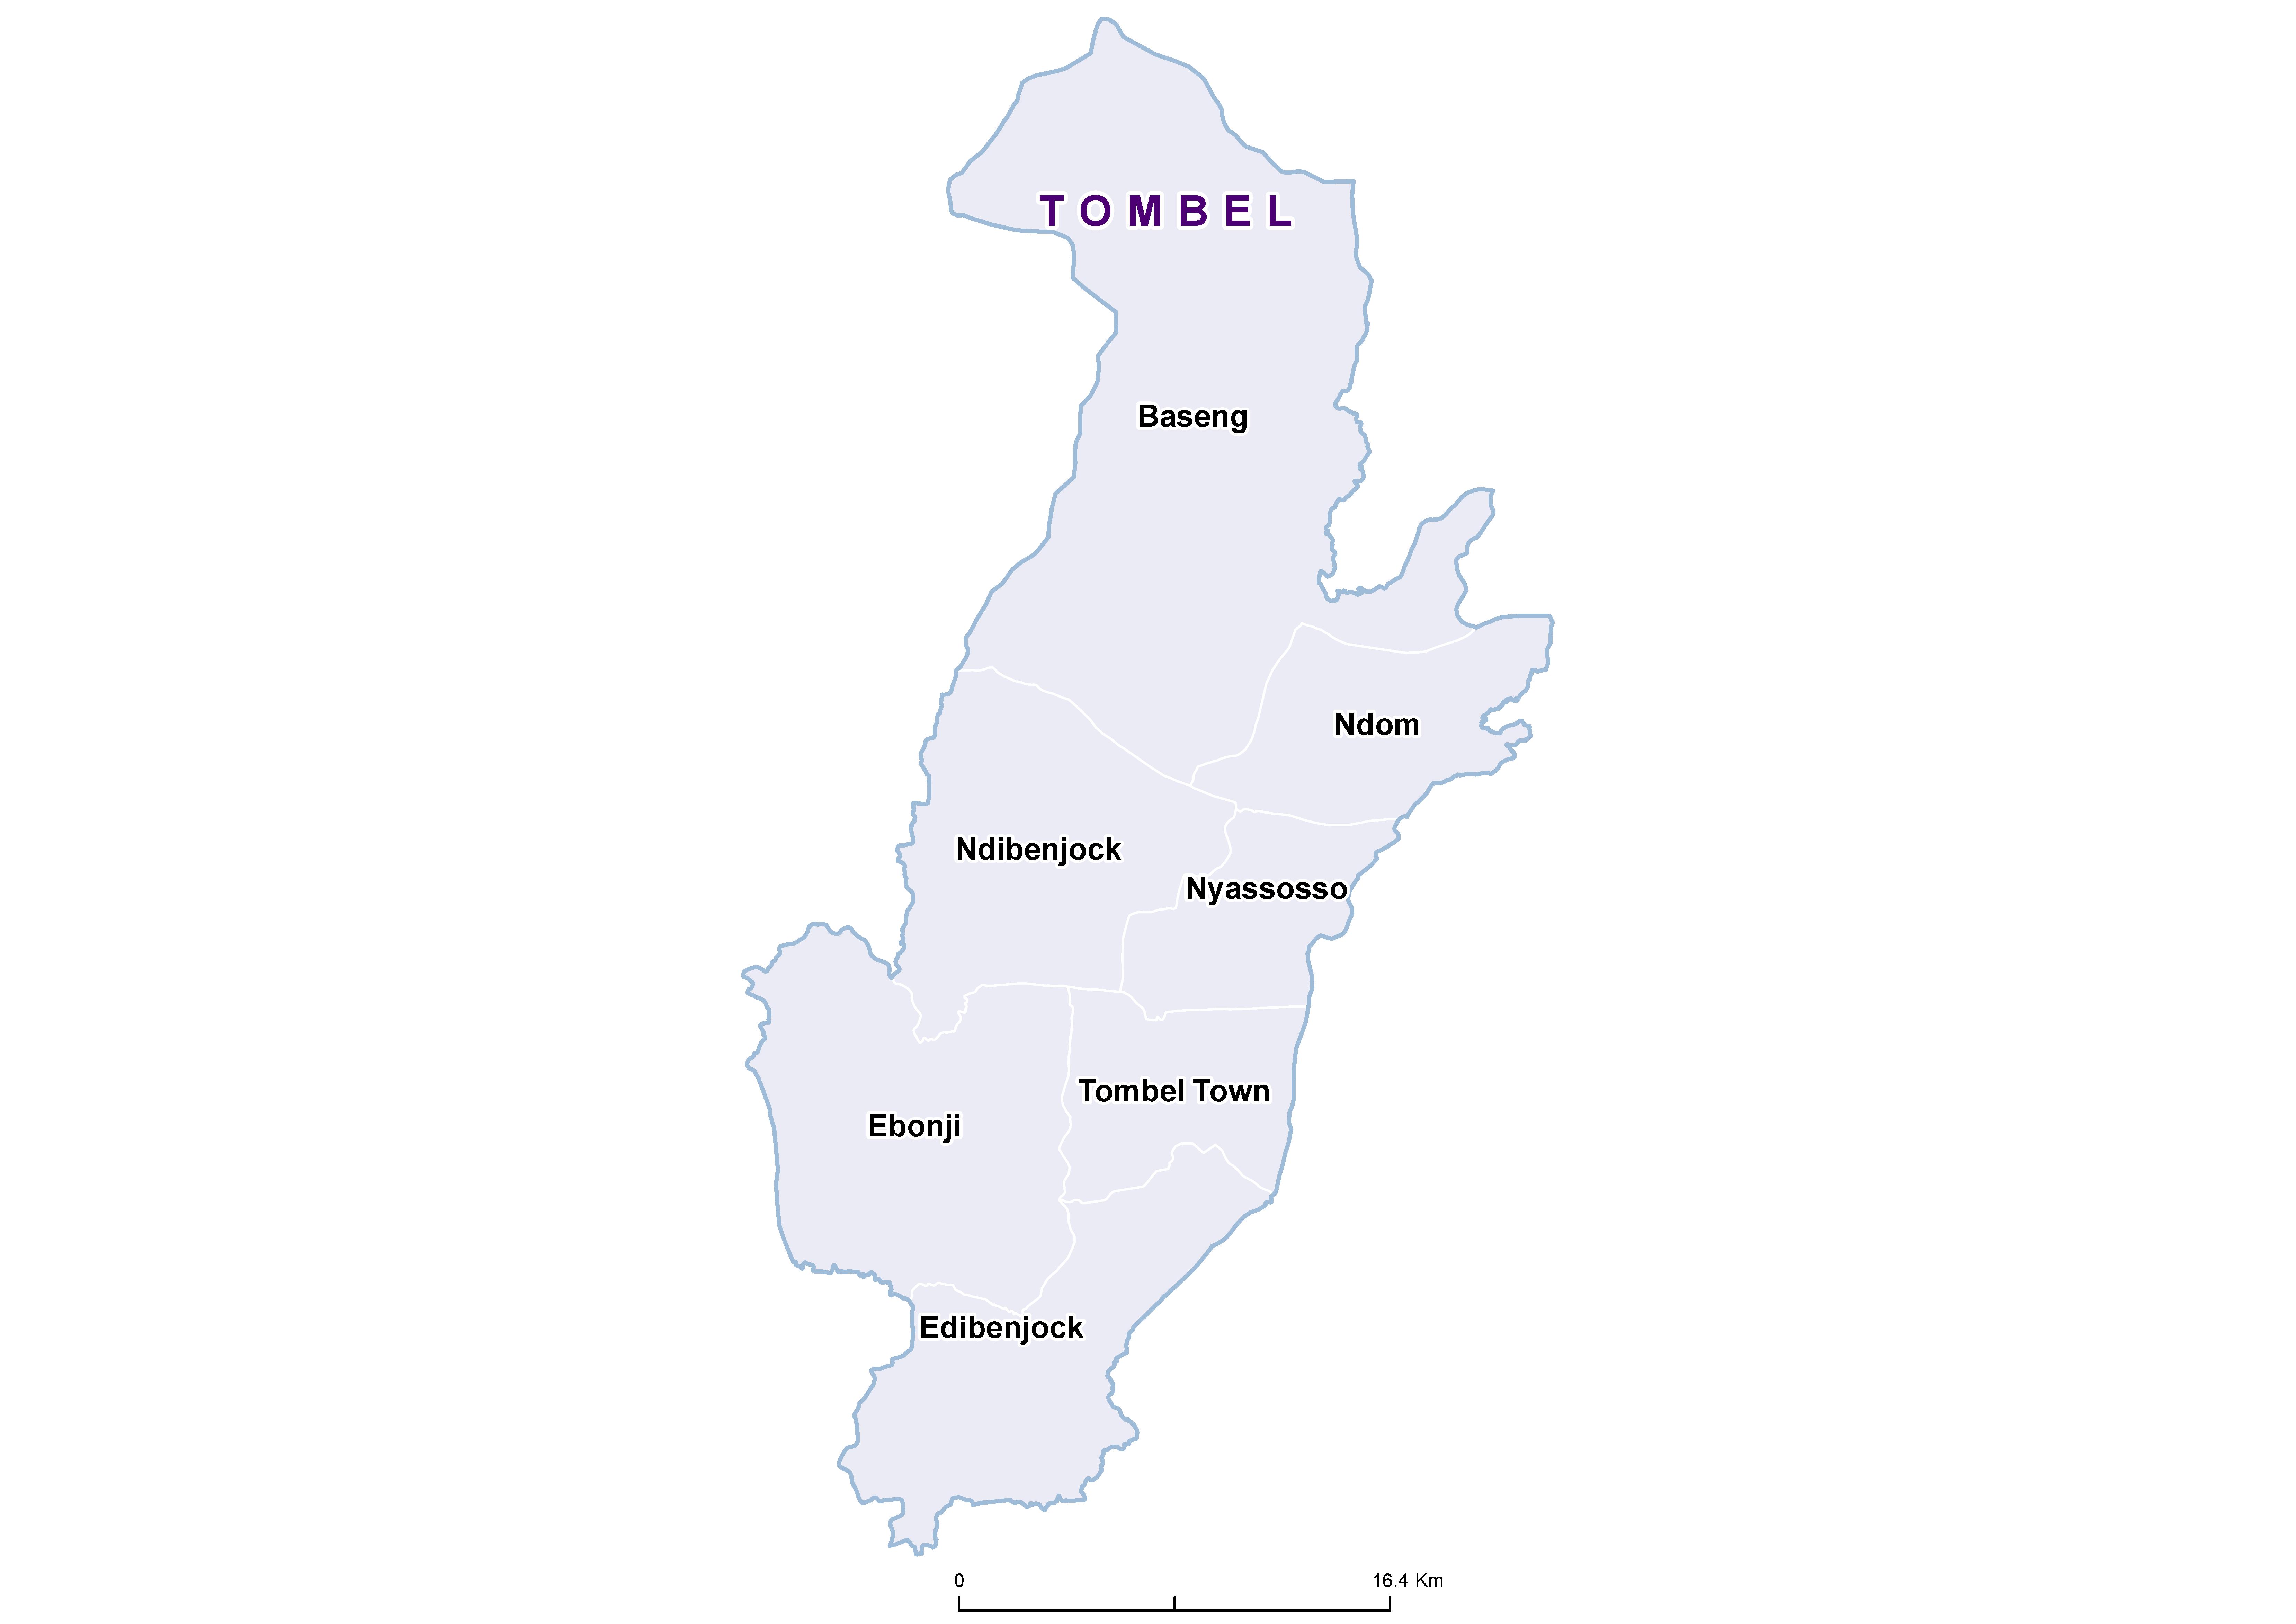 Tombel SCH 20180001